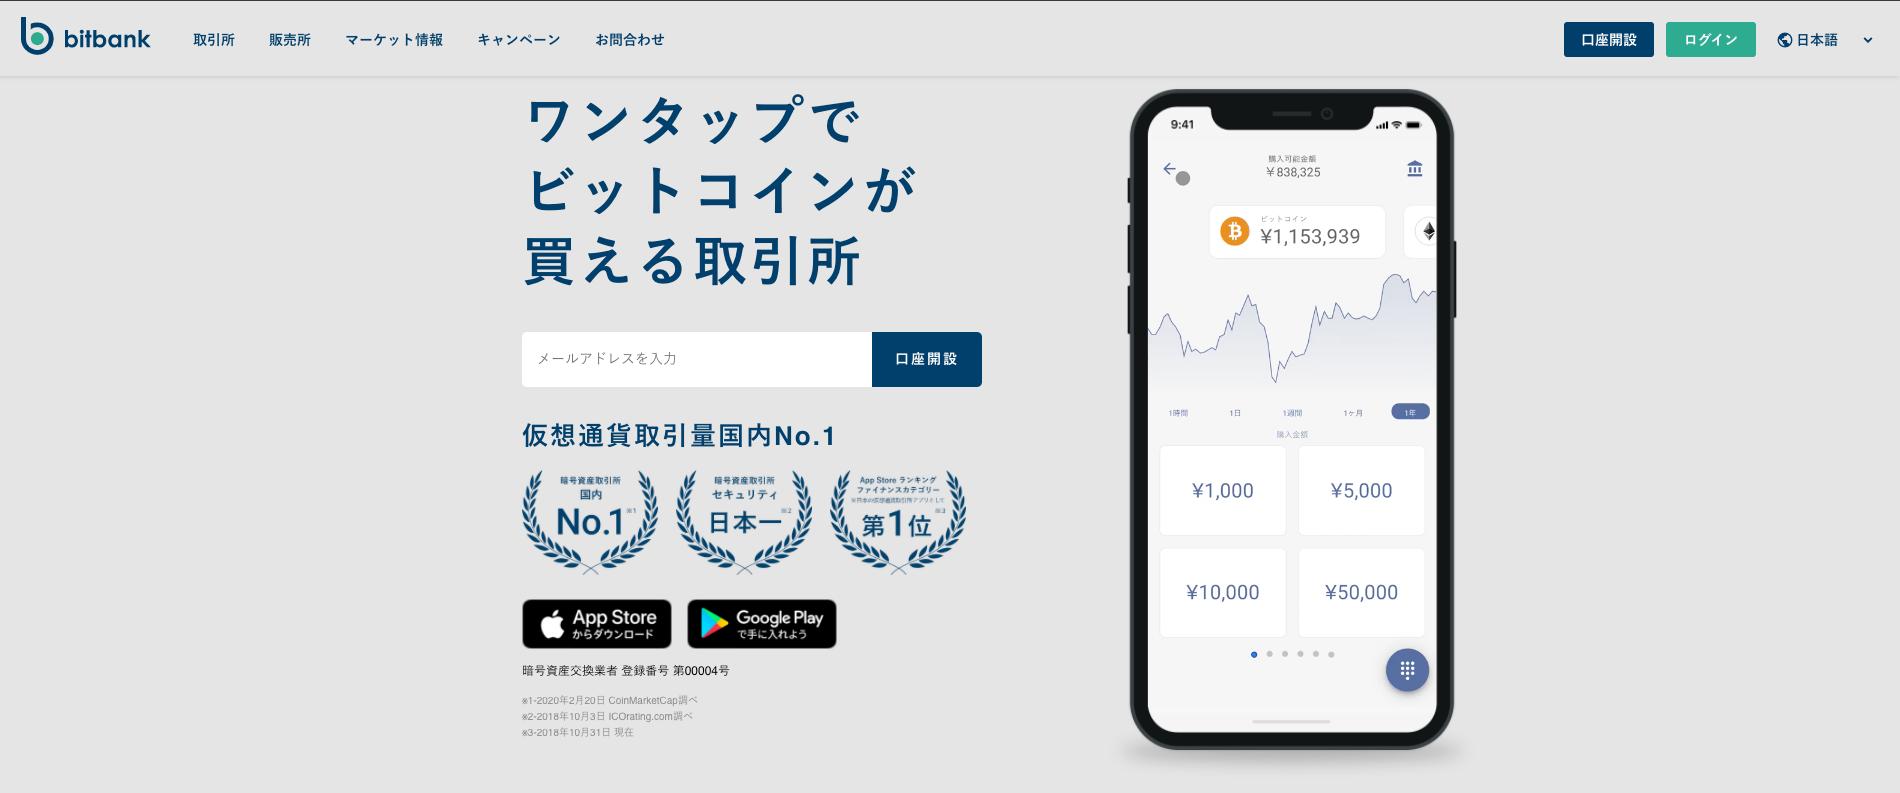 ビットバンク_bitbank____ビットコインが購入できる暗号資産_仮想通貨_取引所